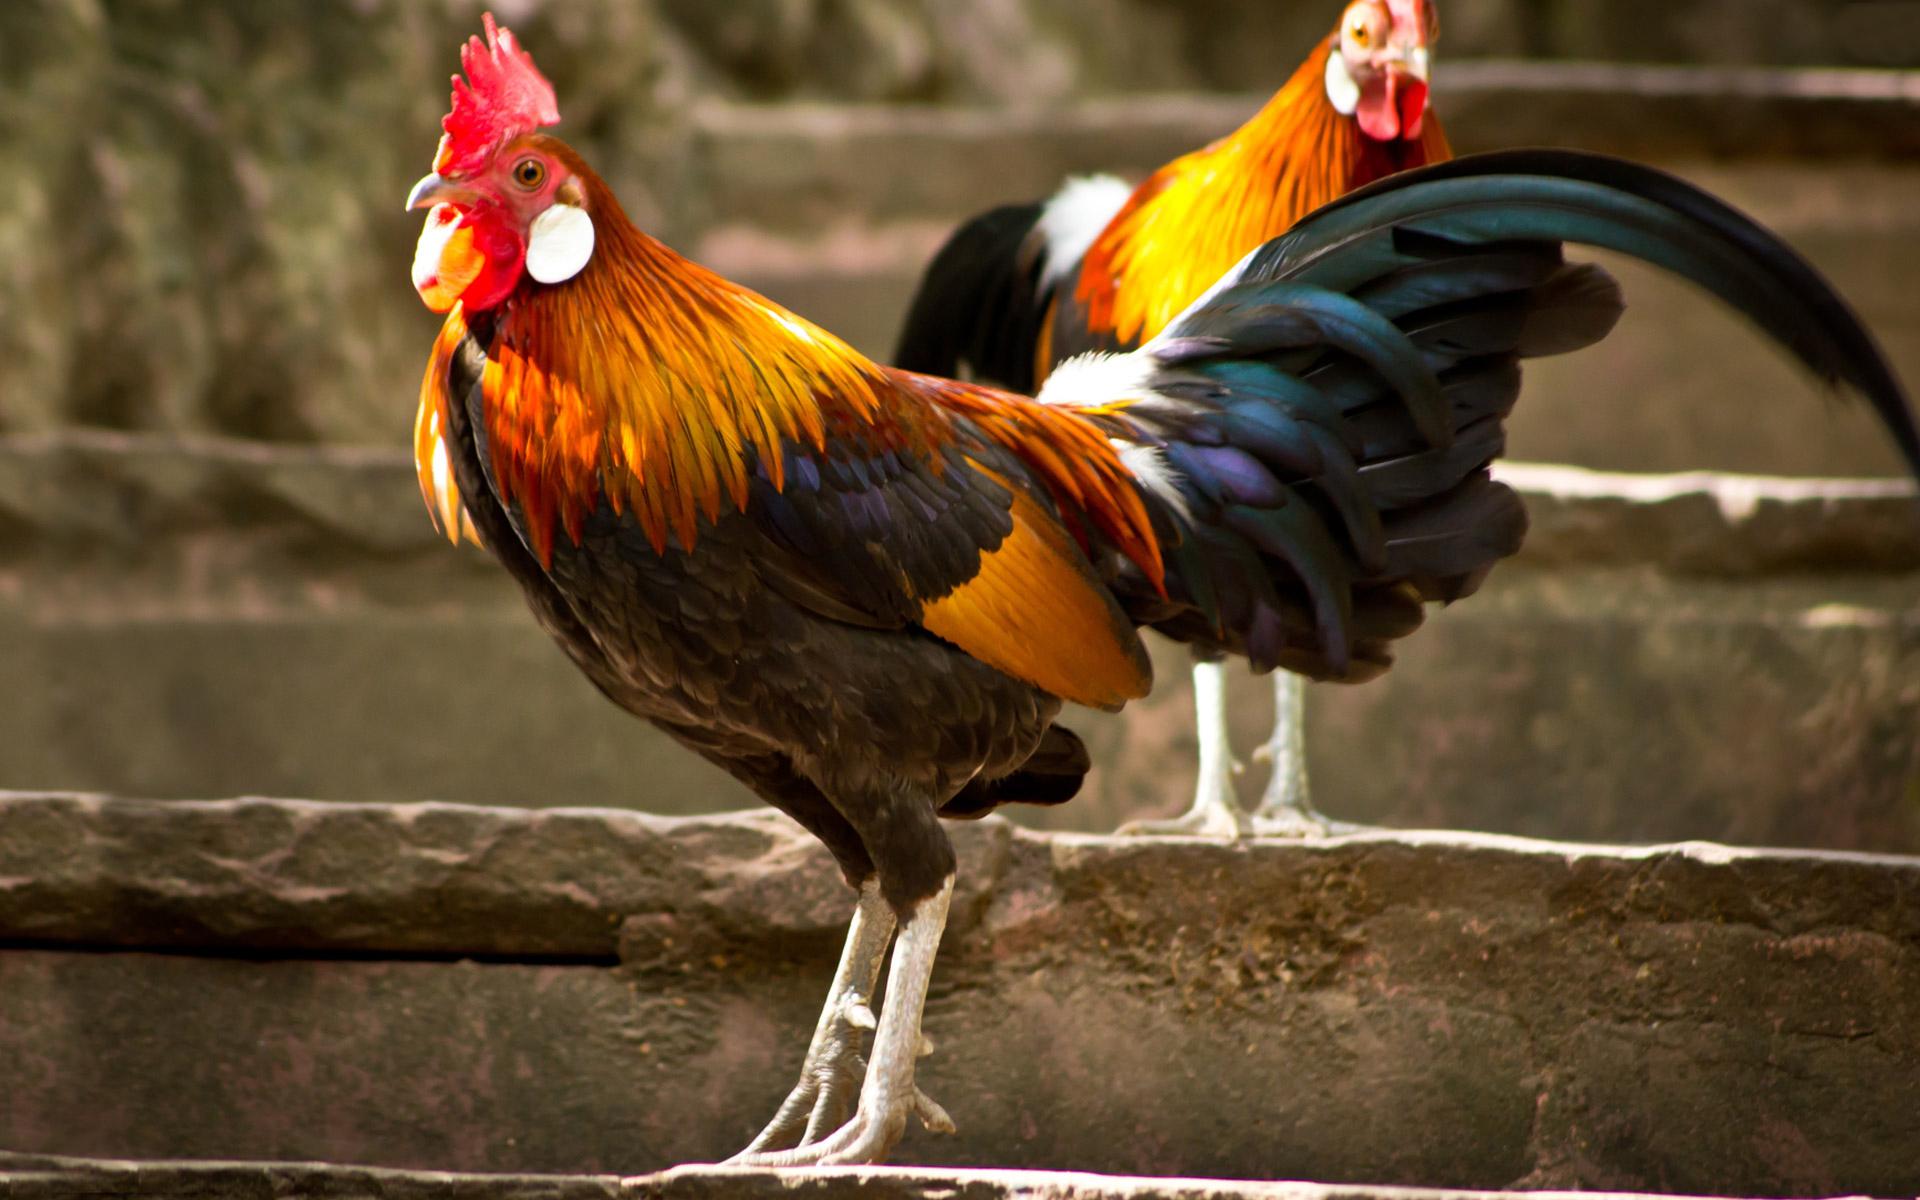 Rooster chicken wallpaper 1920x1200 133321 WallpaperUP 1920x1200